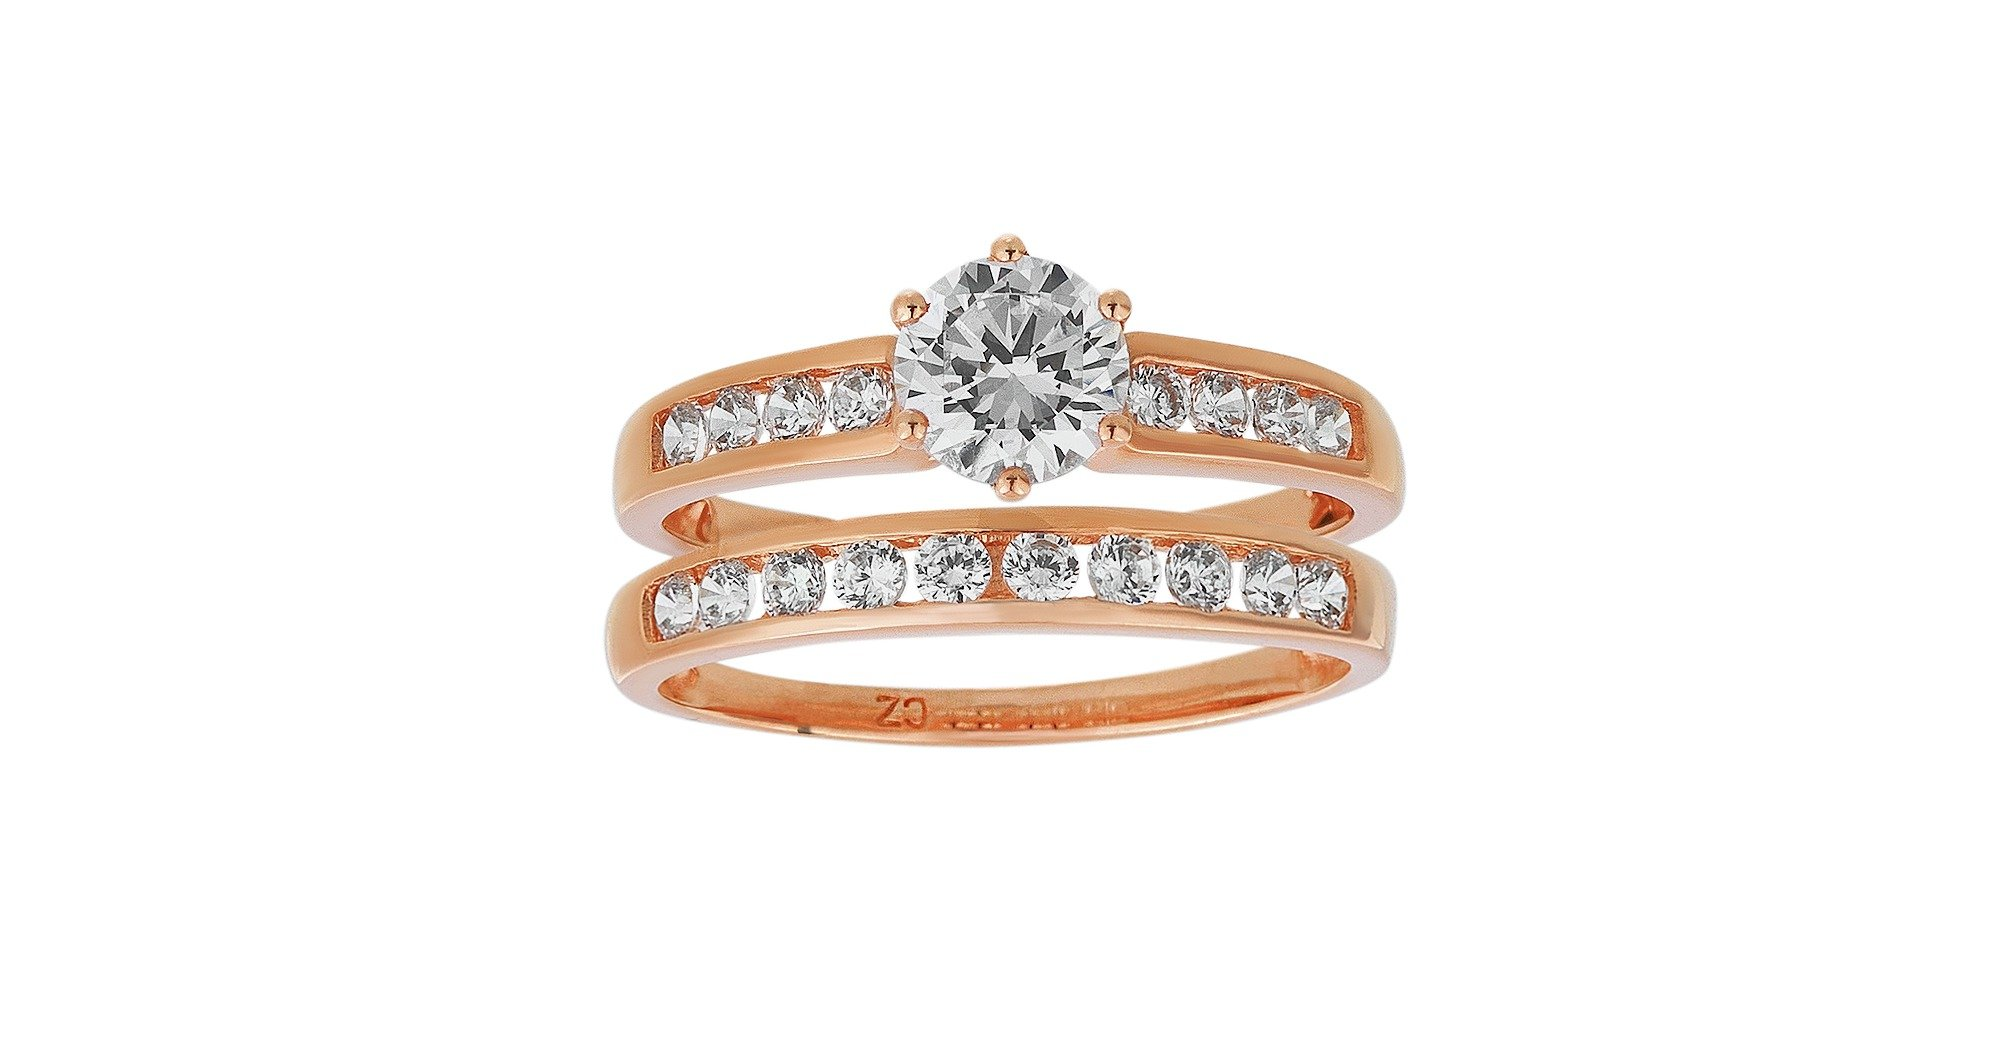 Buy 9ct Rose Gold Cubic Zirconia Bridal Ring Set at Argos